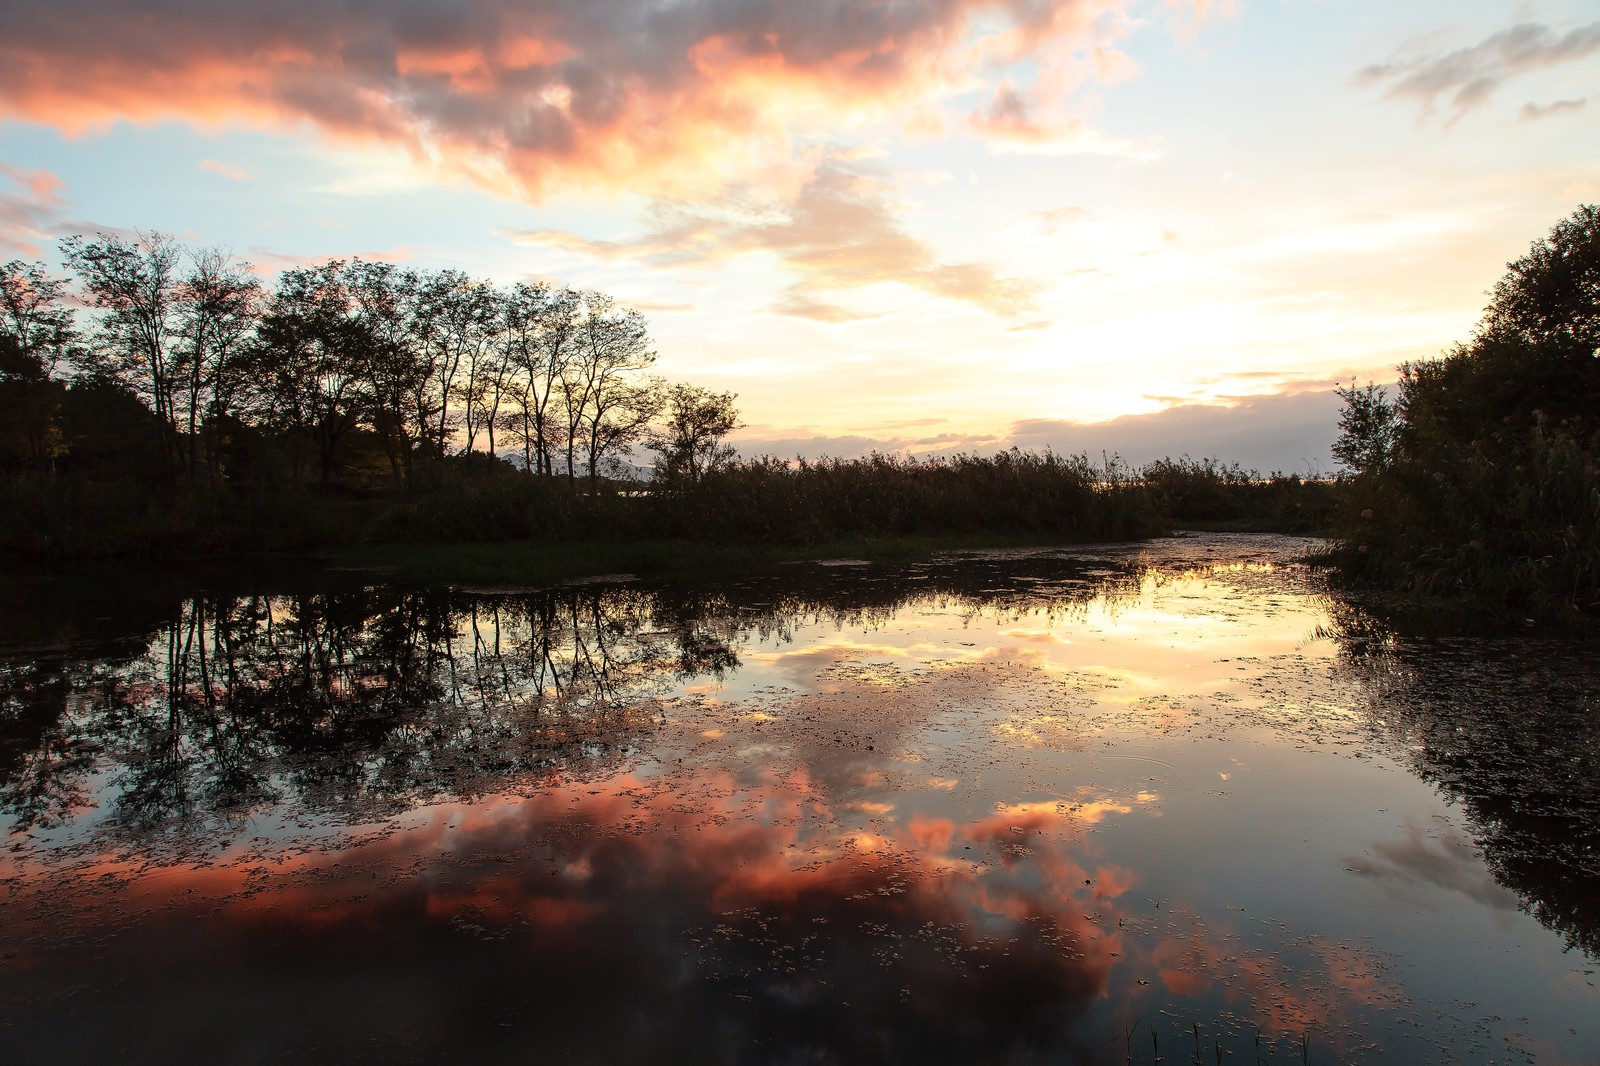 「あかね色の雲が映る水面あかね色の雲が映る水面」のフリー写真素材を拡大